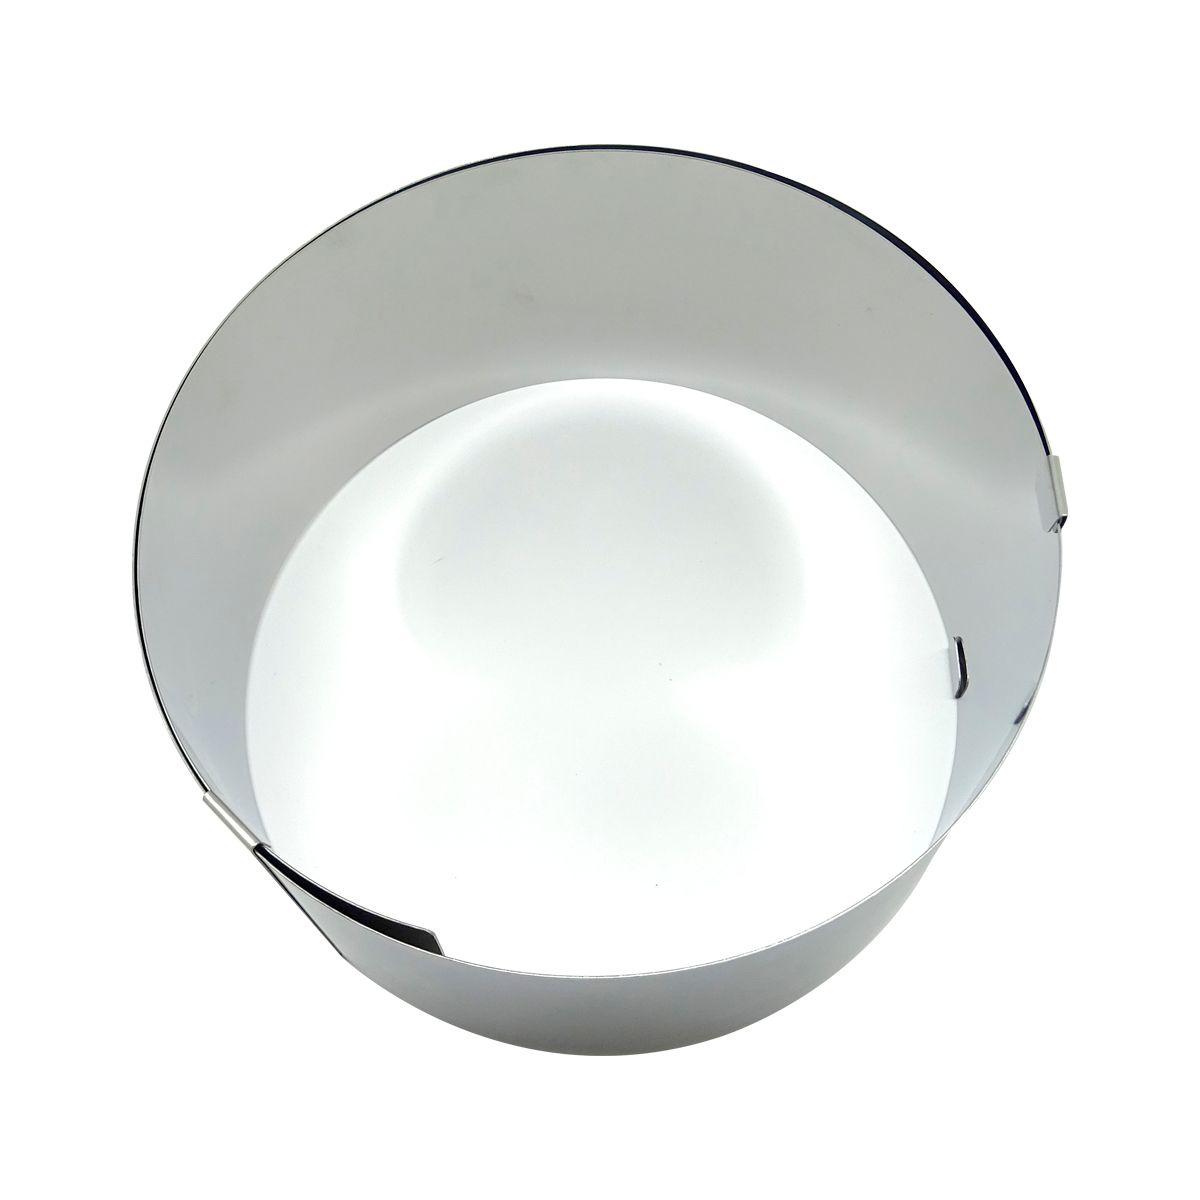 Cercle à pâtisserie extensible - Zodio